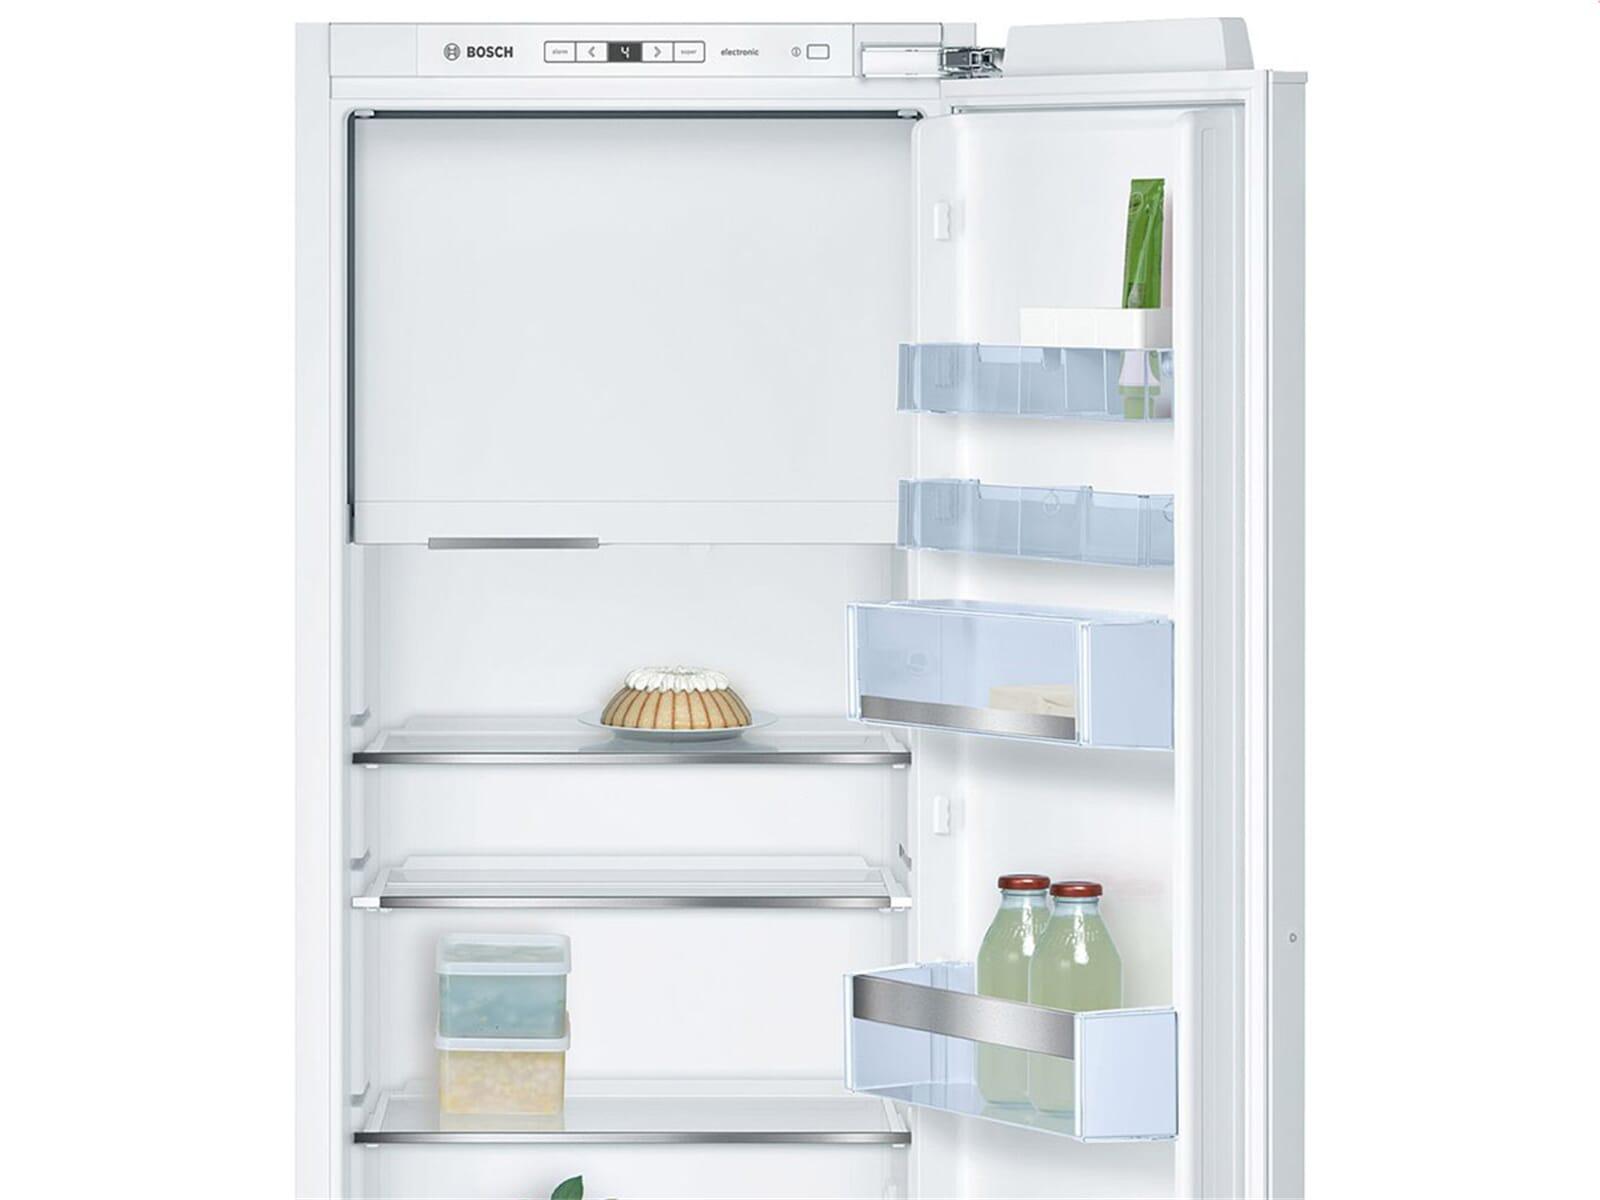 Bosch Kühlschrank Biofresh : Bosch kil af einbaukühlschrank